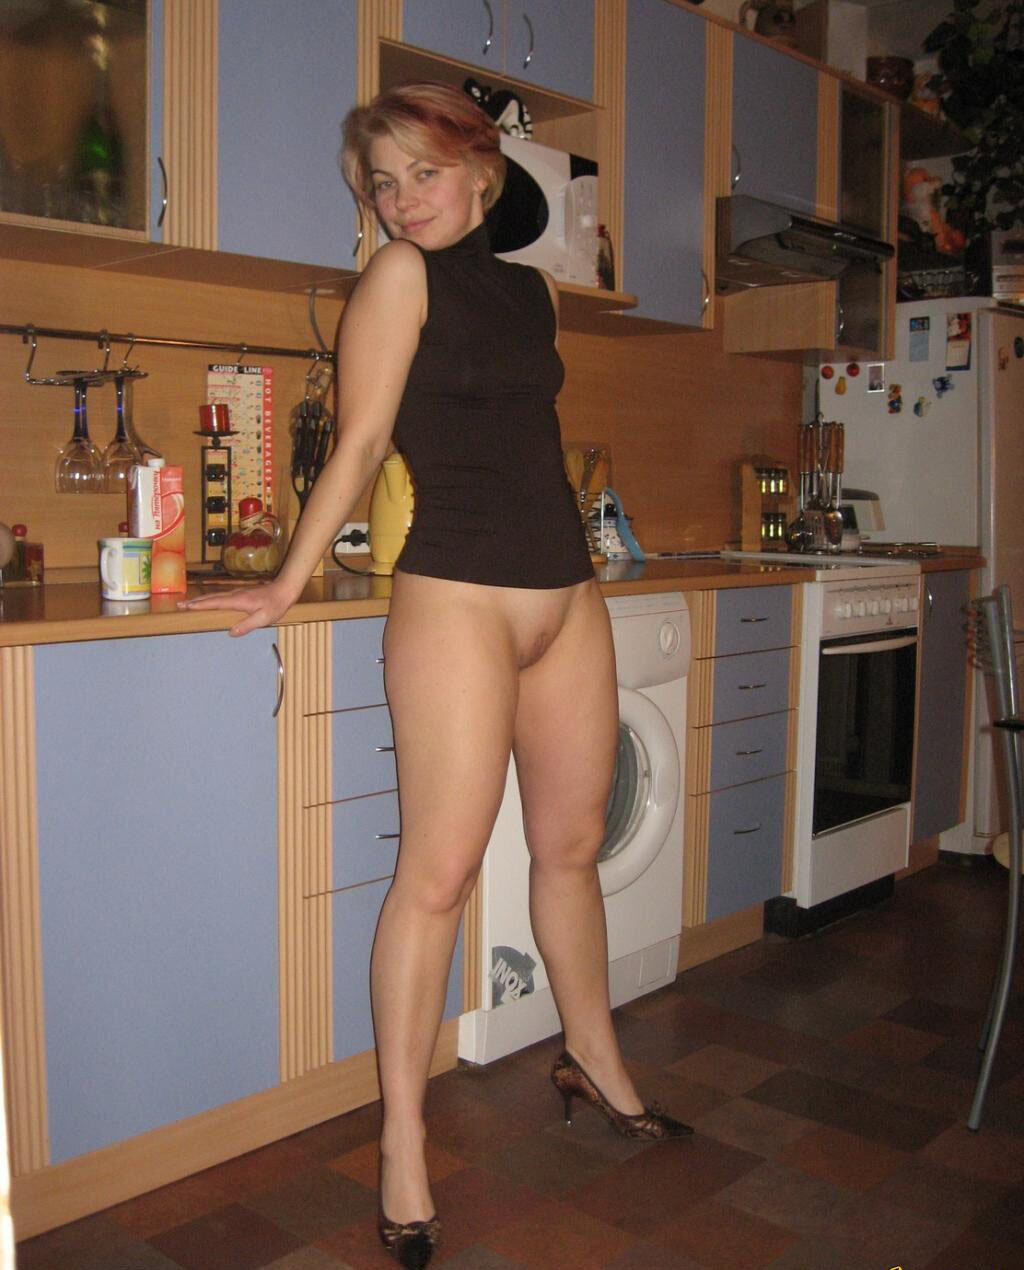 Фото на кухне ню 1 фотография